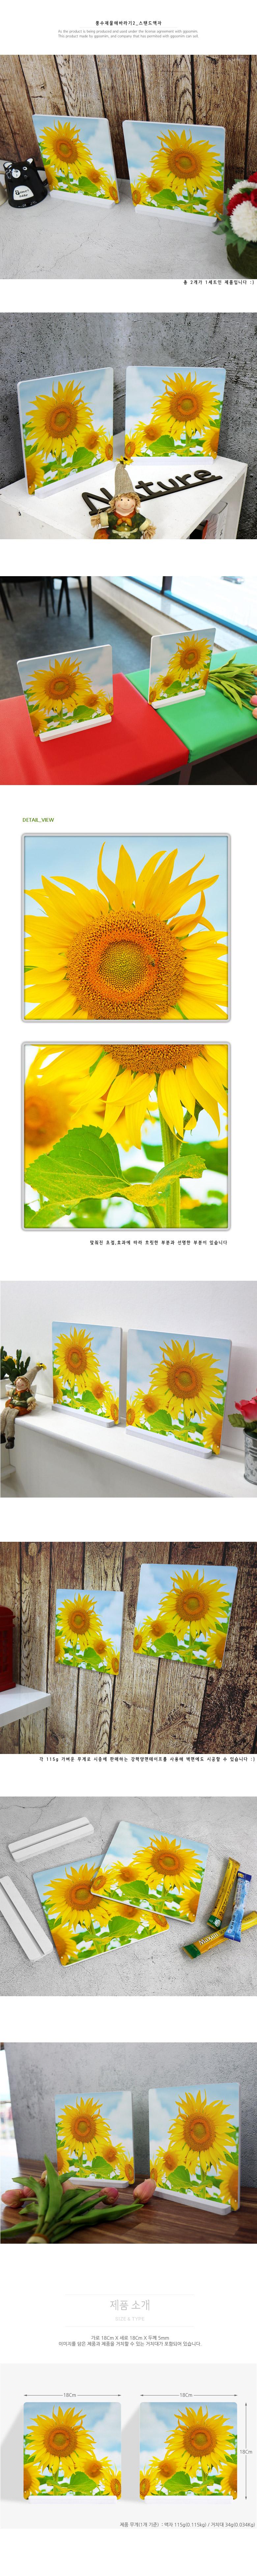 스탠드액자2P_풍수재물해바라기2 - 꾸밈, 16,000원, 홈갤러리, 사진아트